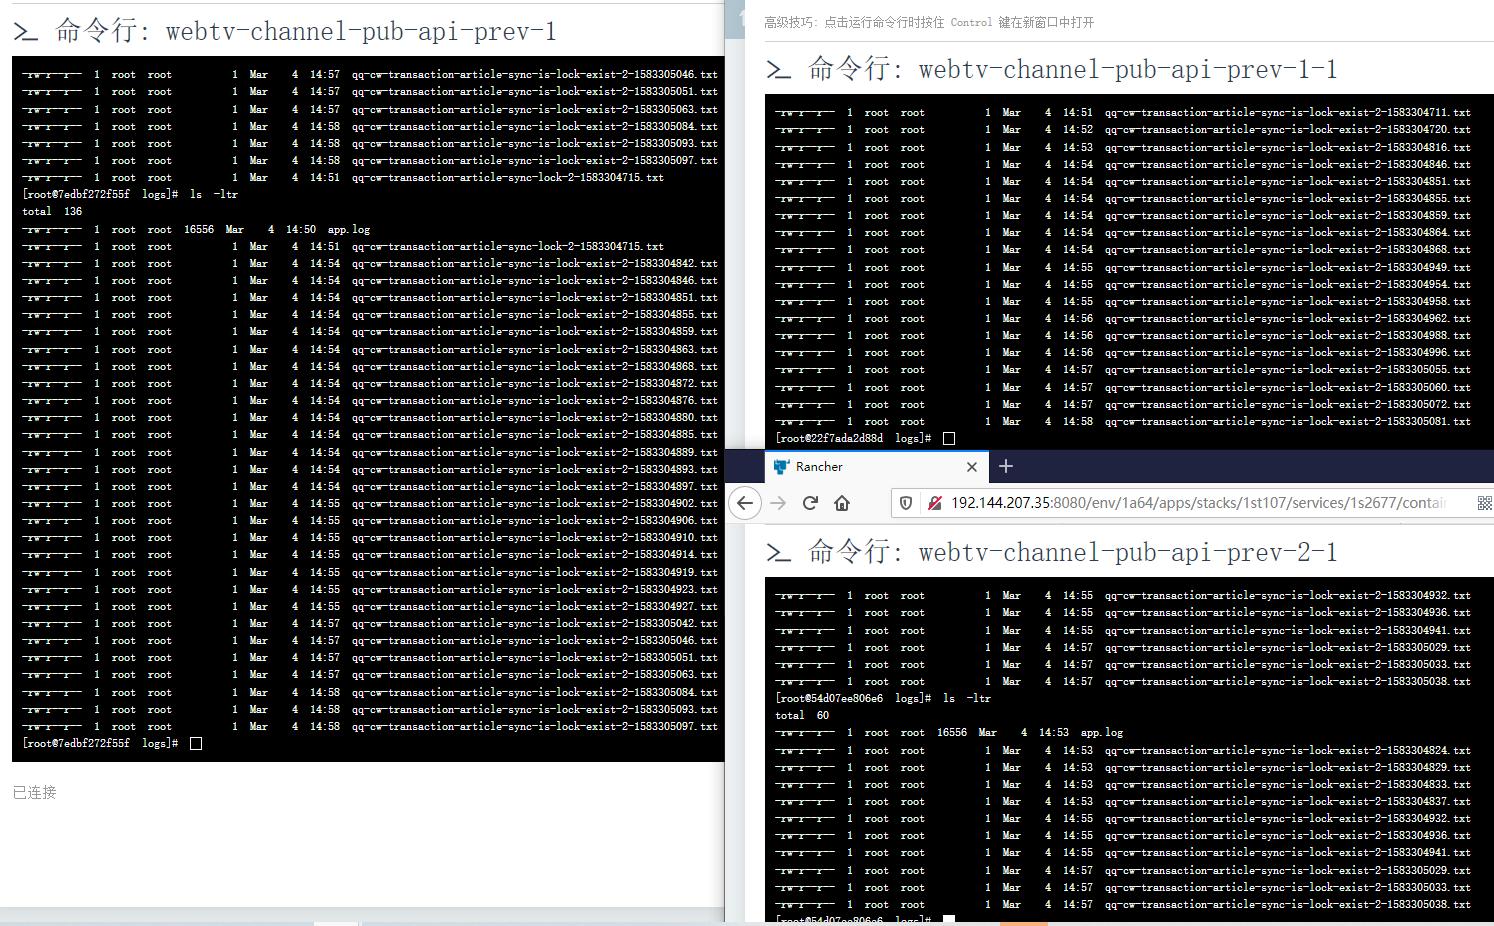 查看 命令行下的 Redis 锁定日志,不仅存在 判断Redis模型的锁定是否存在(已存在),而且存在 Redis模型的锁定实现时失败的 日志。时间:14:58 - 14:50 = 9 分钟。锁定次数:29 + 31 + 10 = 70 。锁定频率:70 / 9 = 8,即每分钟 8 次